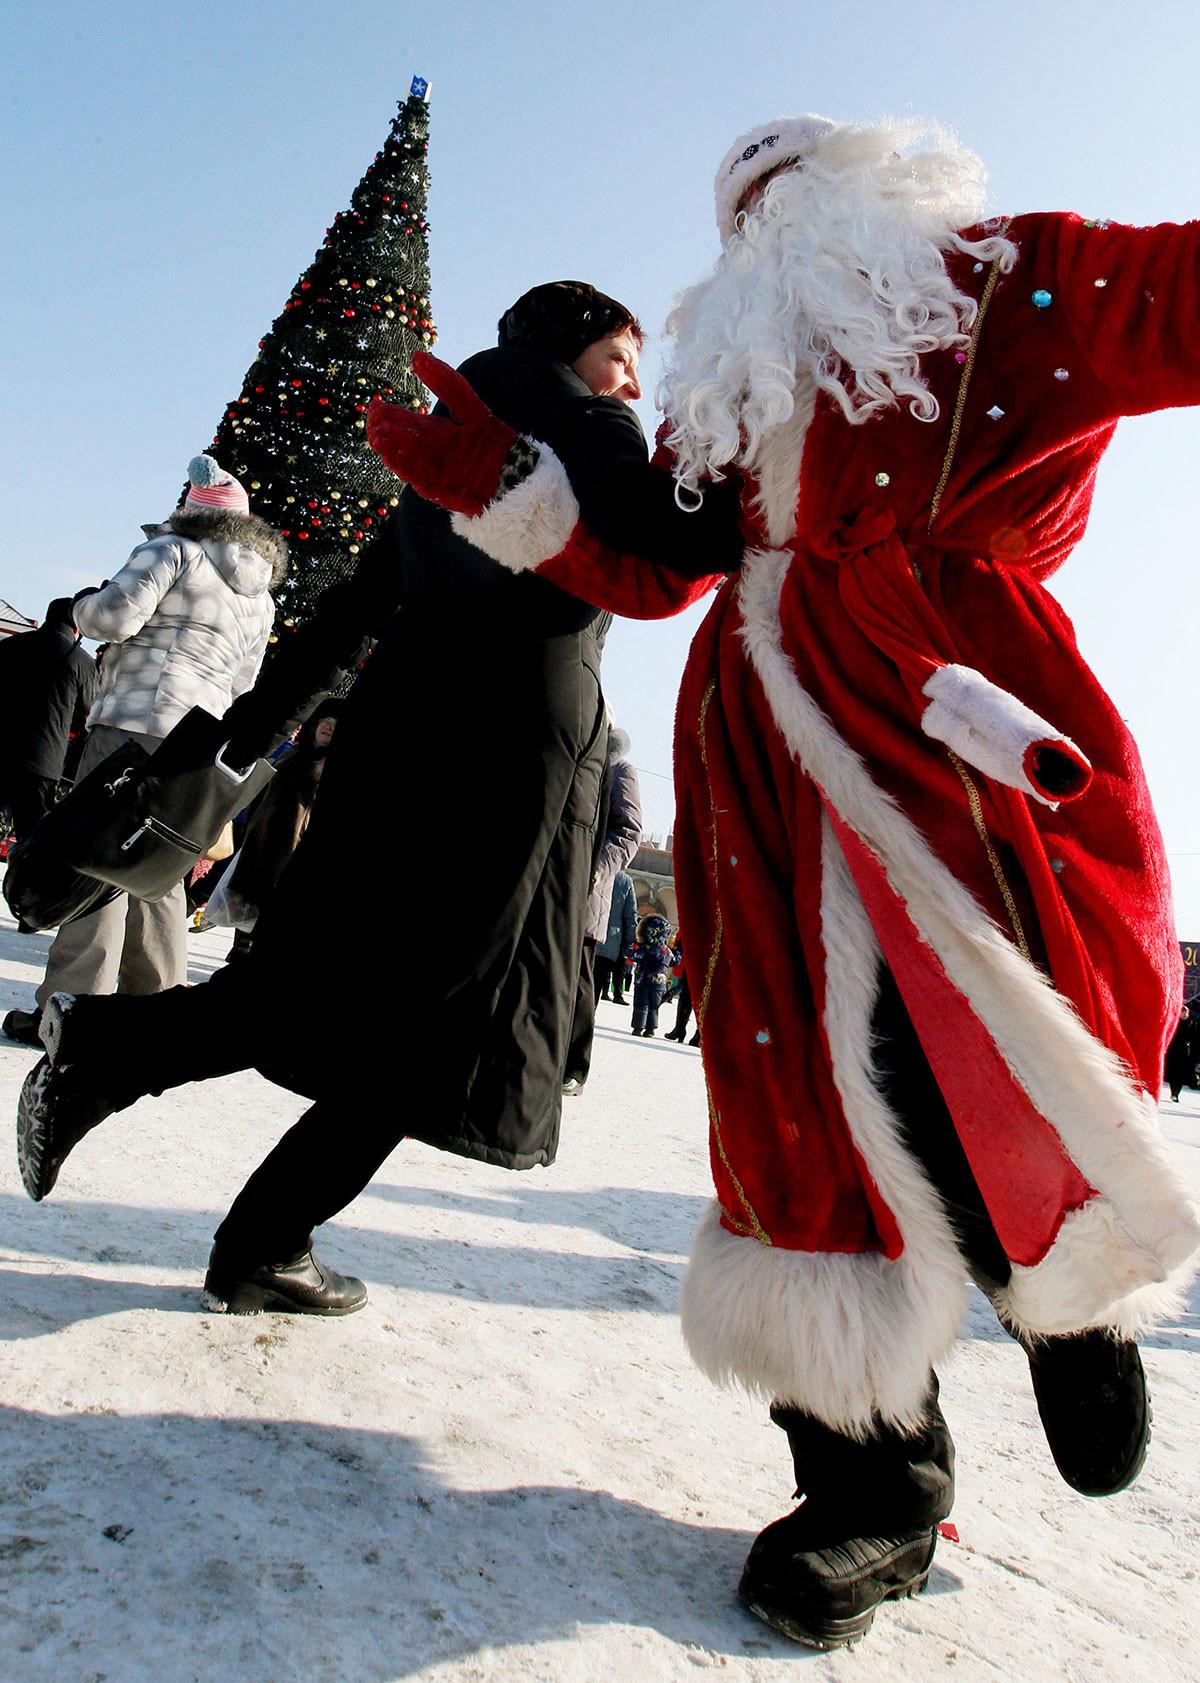 Прослава божићних празника на централном тргу у Владивостоку.